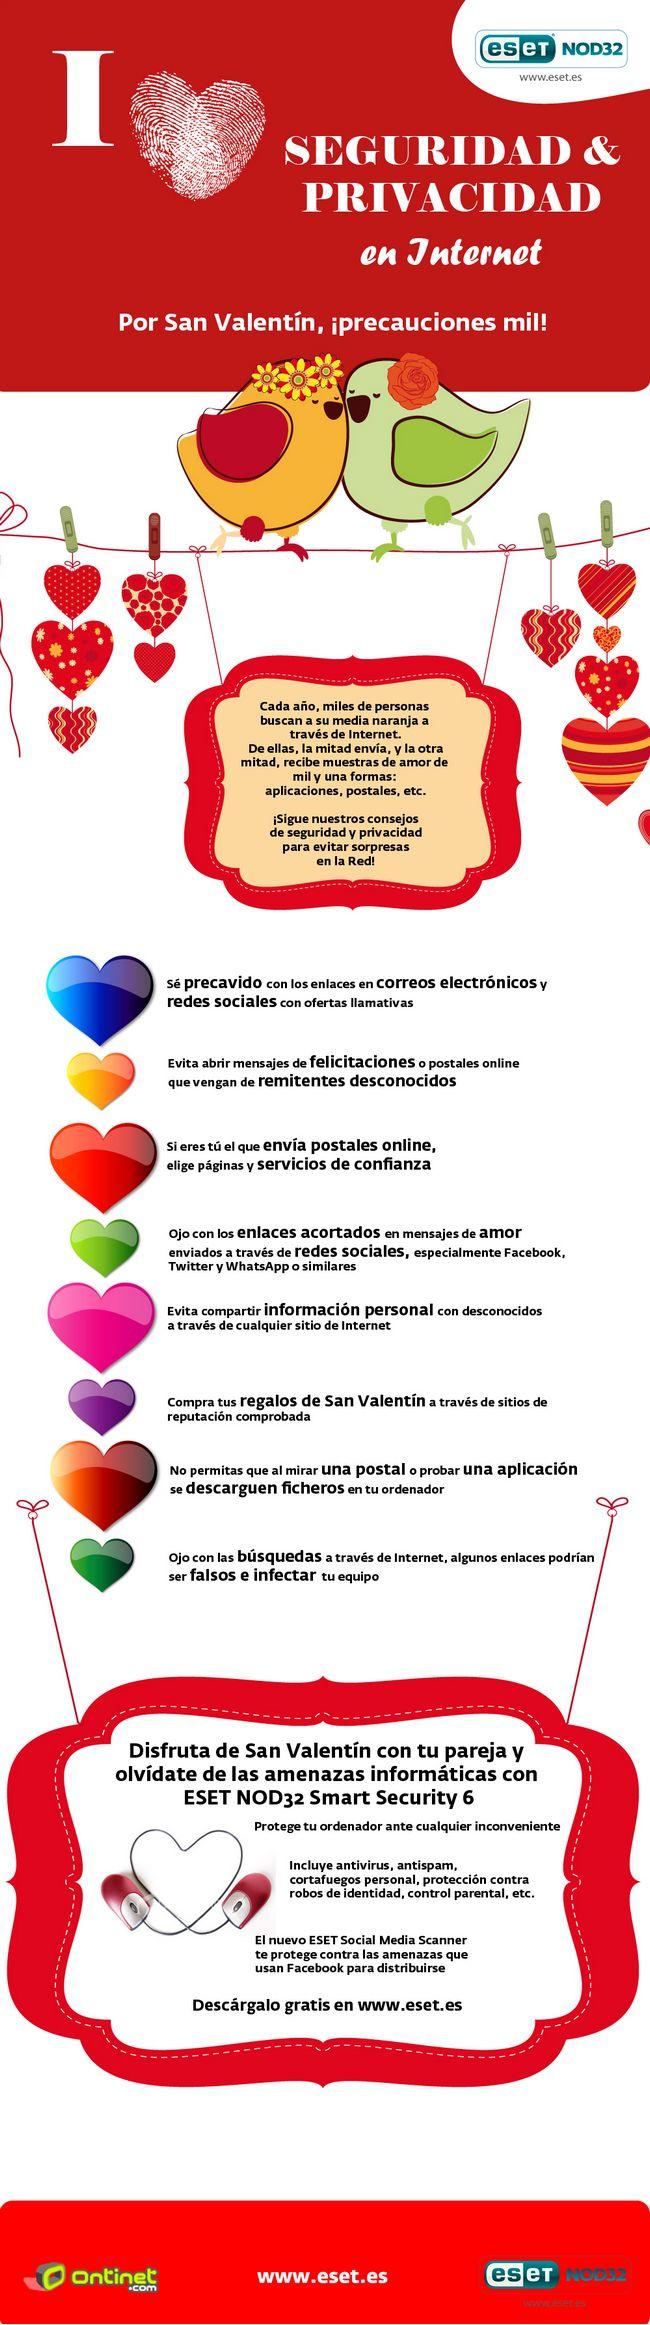 eset-san-valentin-infografia